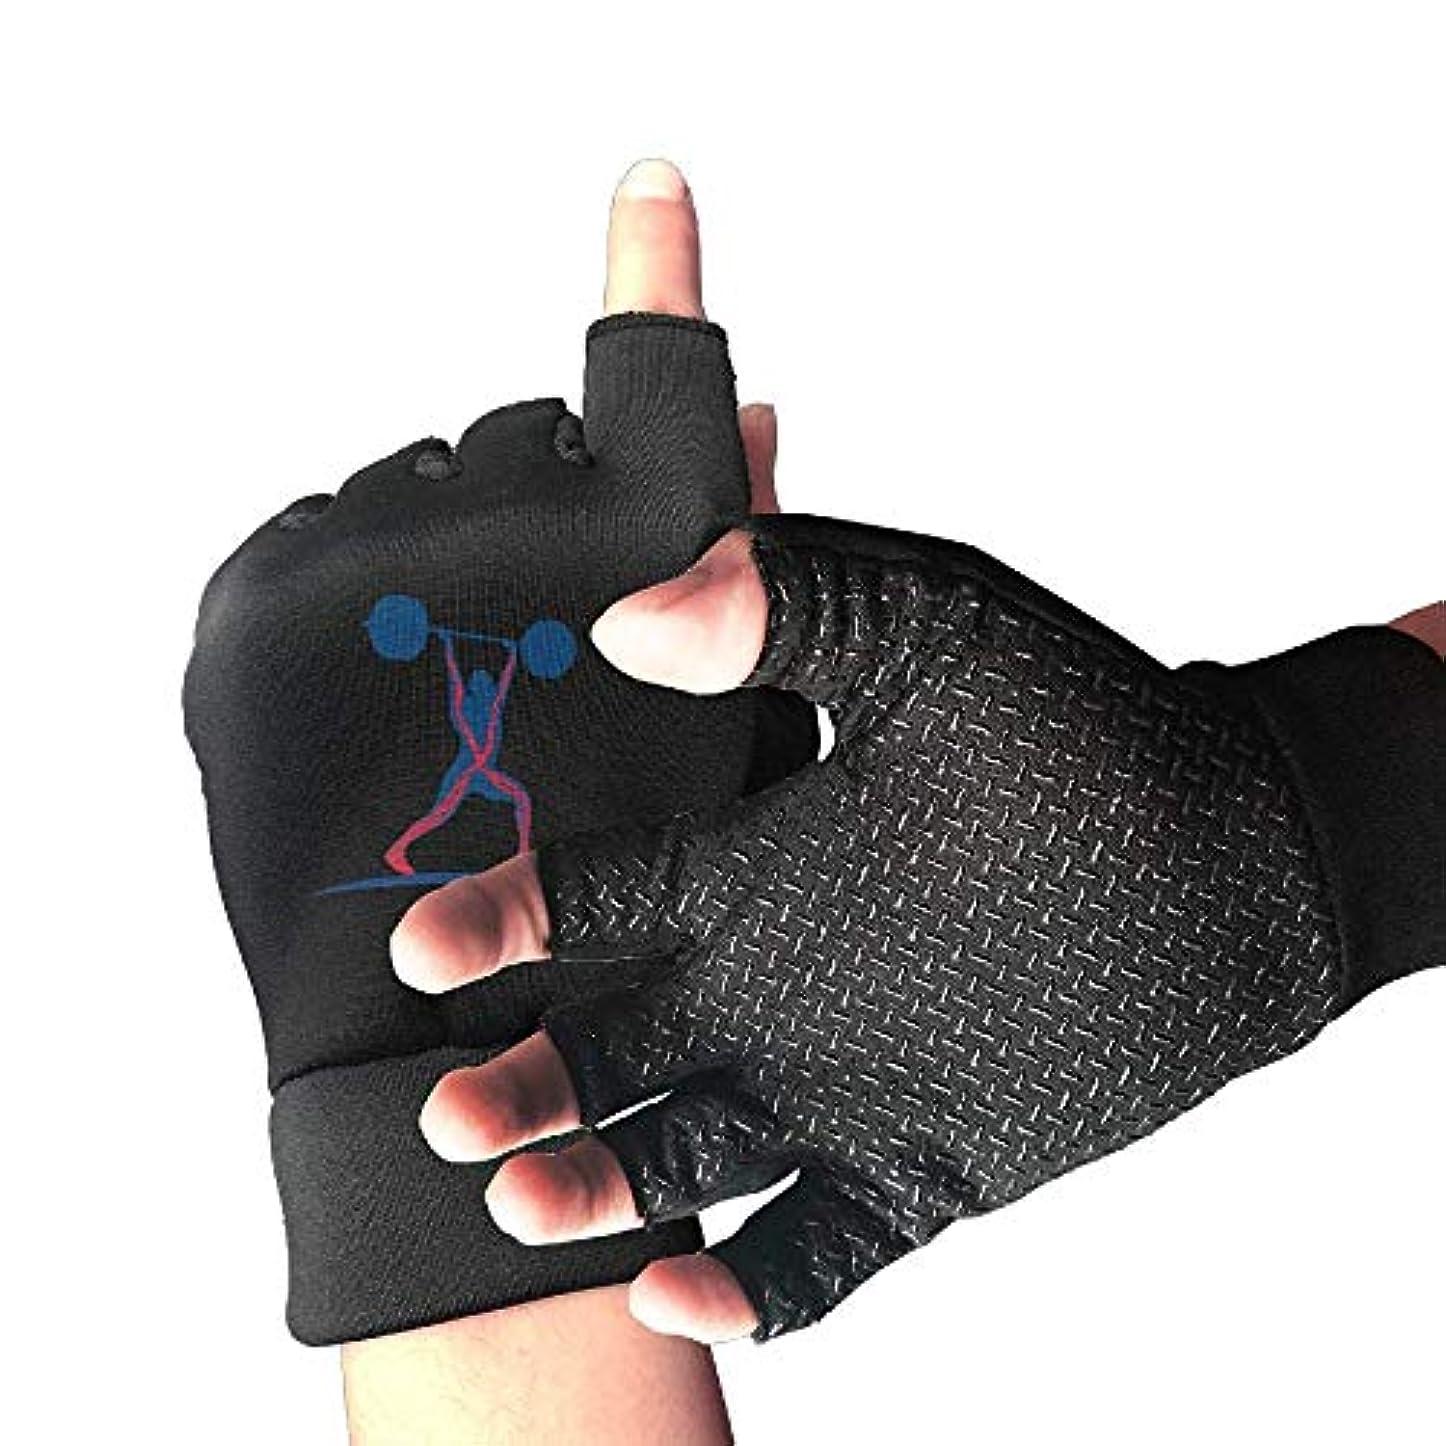 ディプロマニュース多用途Cycling Gloves Weightlifting Muscle Men's/Women's Mountain Bike Gloves Half Finger Anti-Slip Motorcycle Gloves